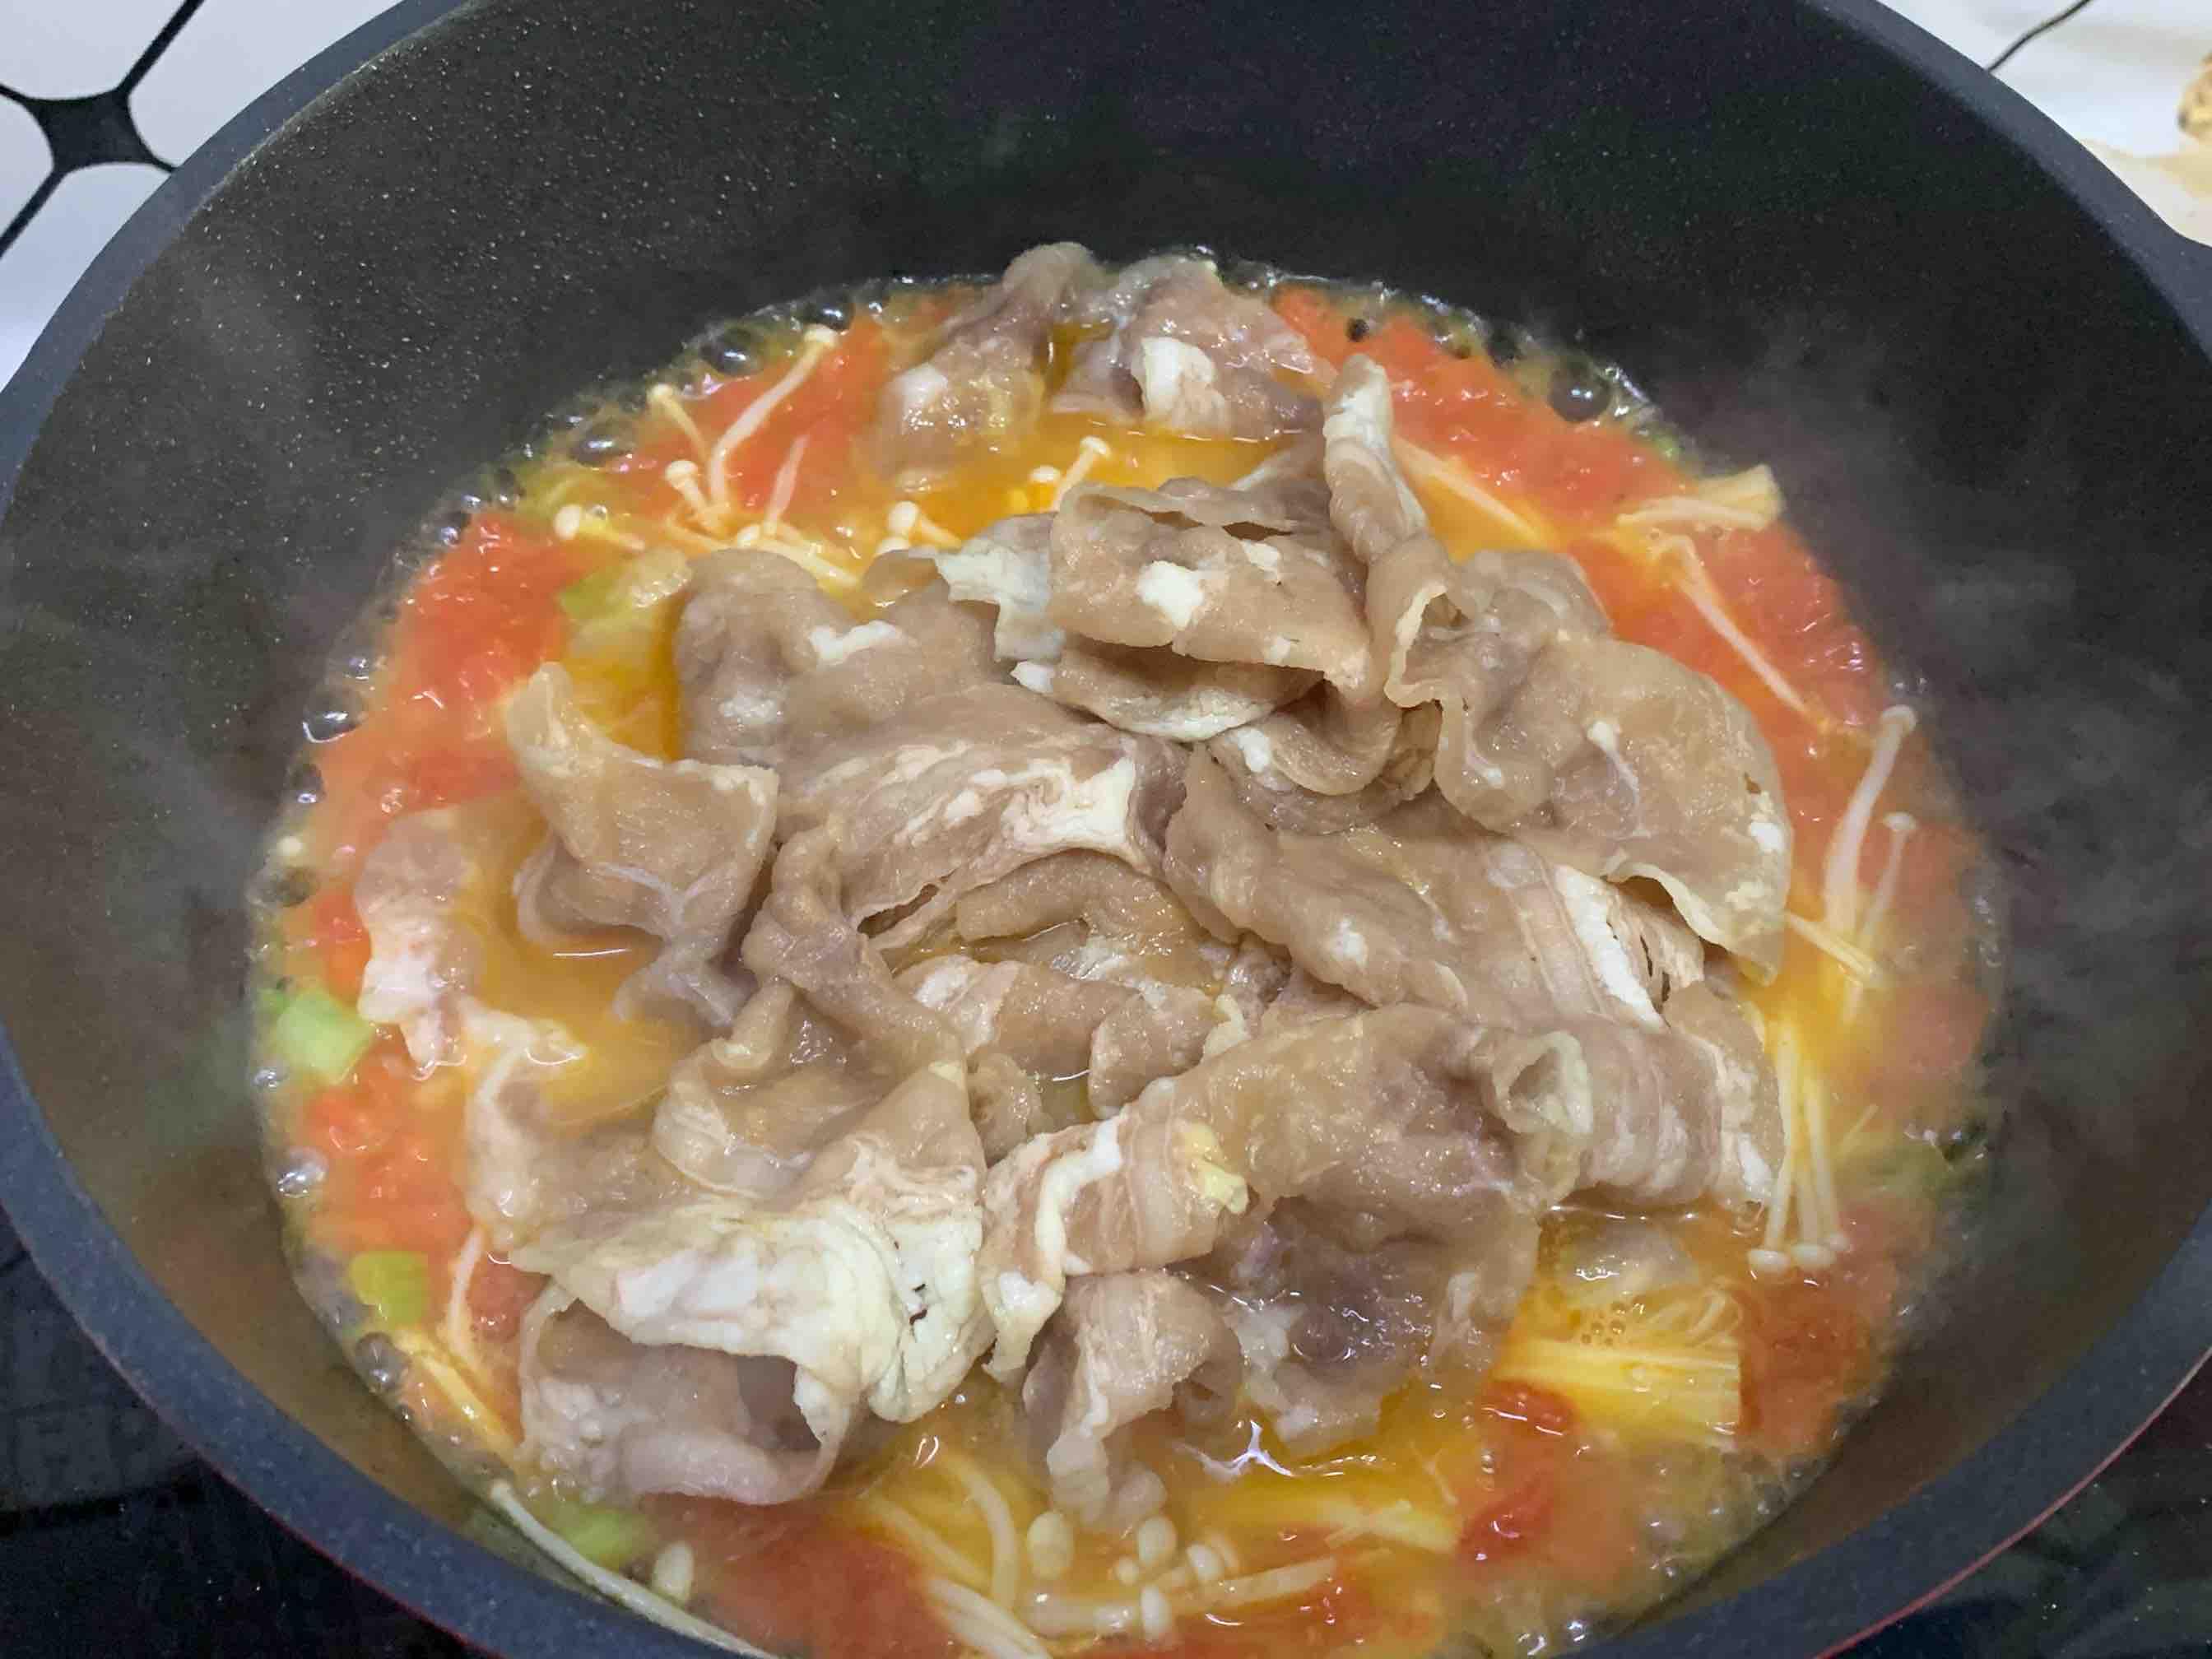 懒人版酸汤肥牛‼️暖胃下饭怎么吃